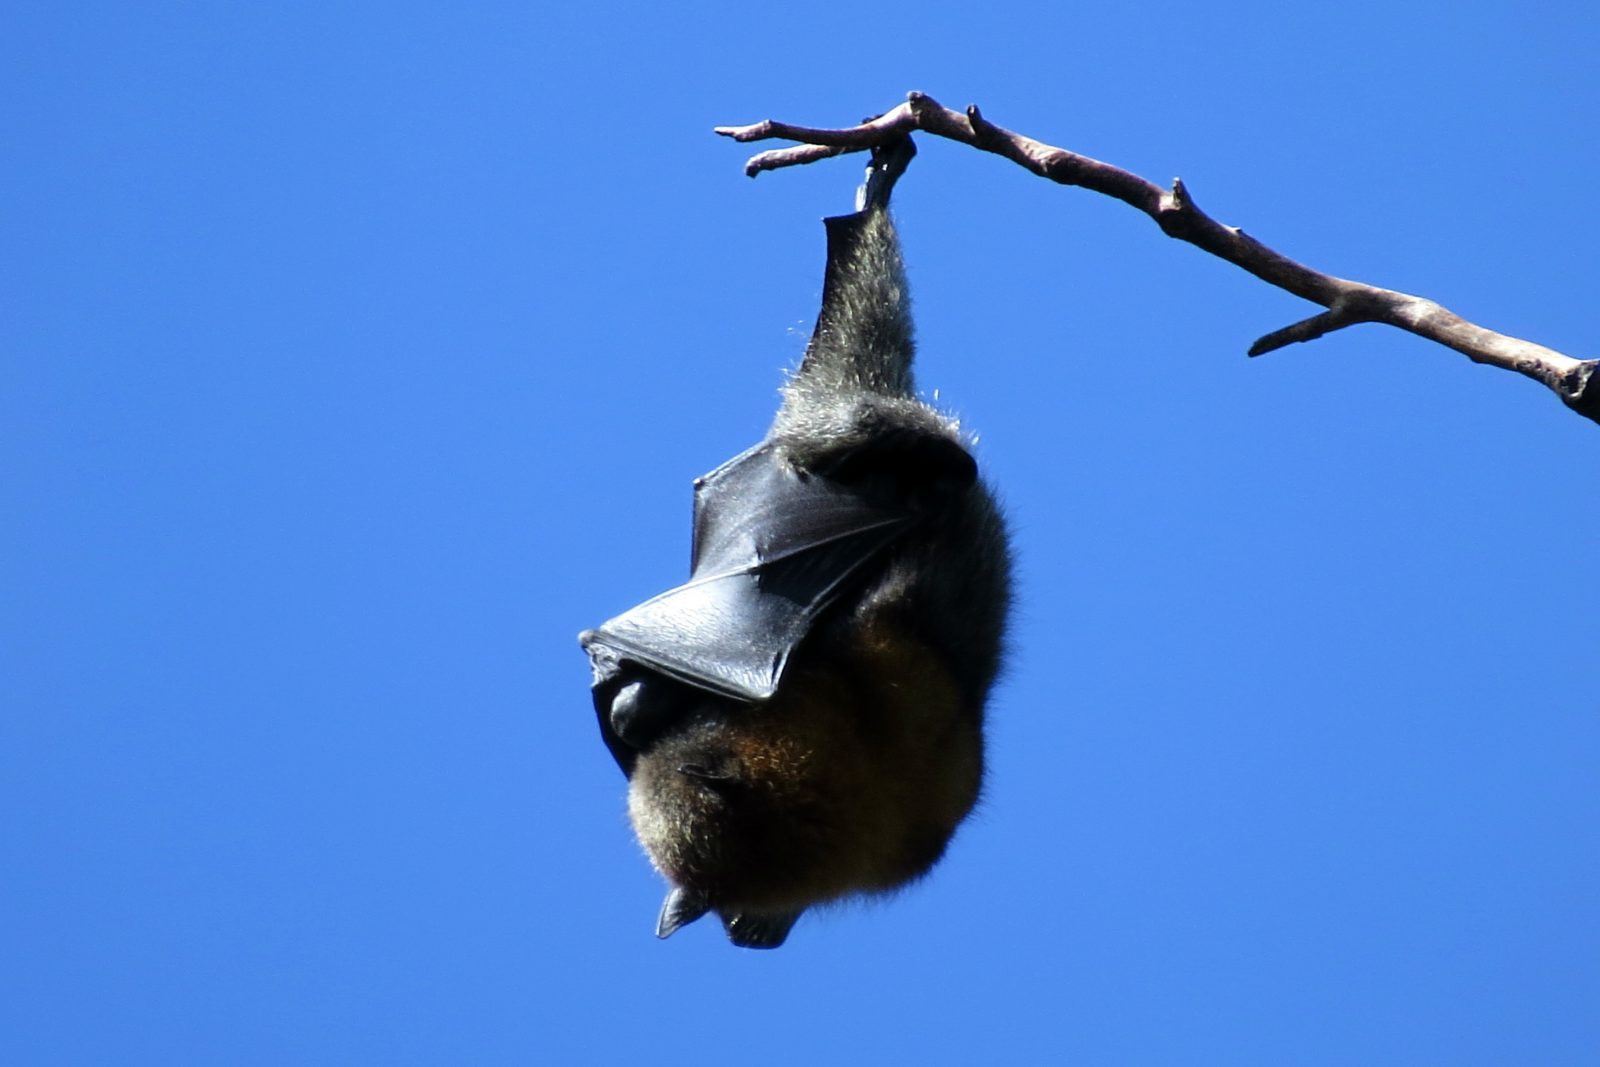 Os morcegos são animais noturnos que se alimentam de frutas e sangue.